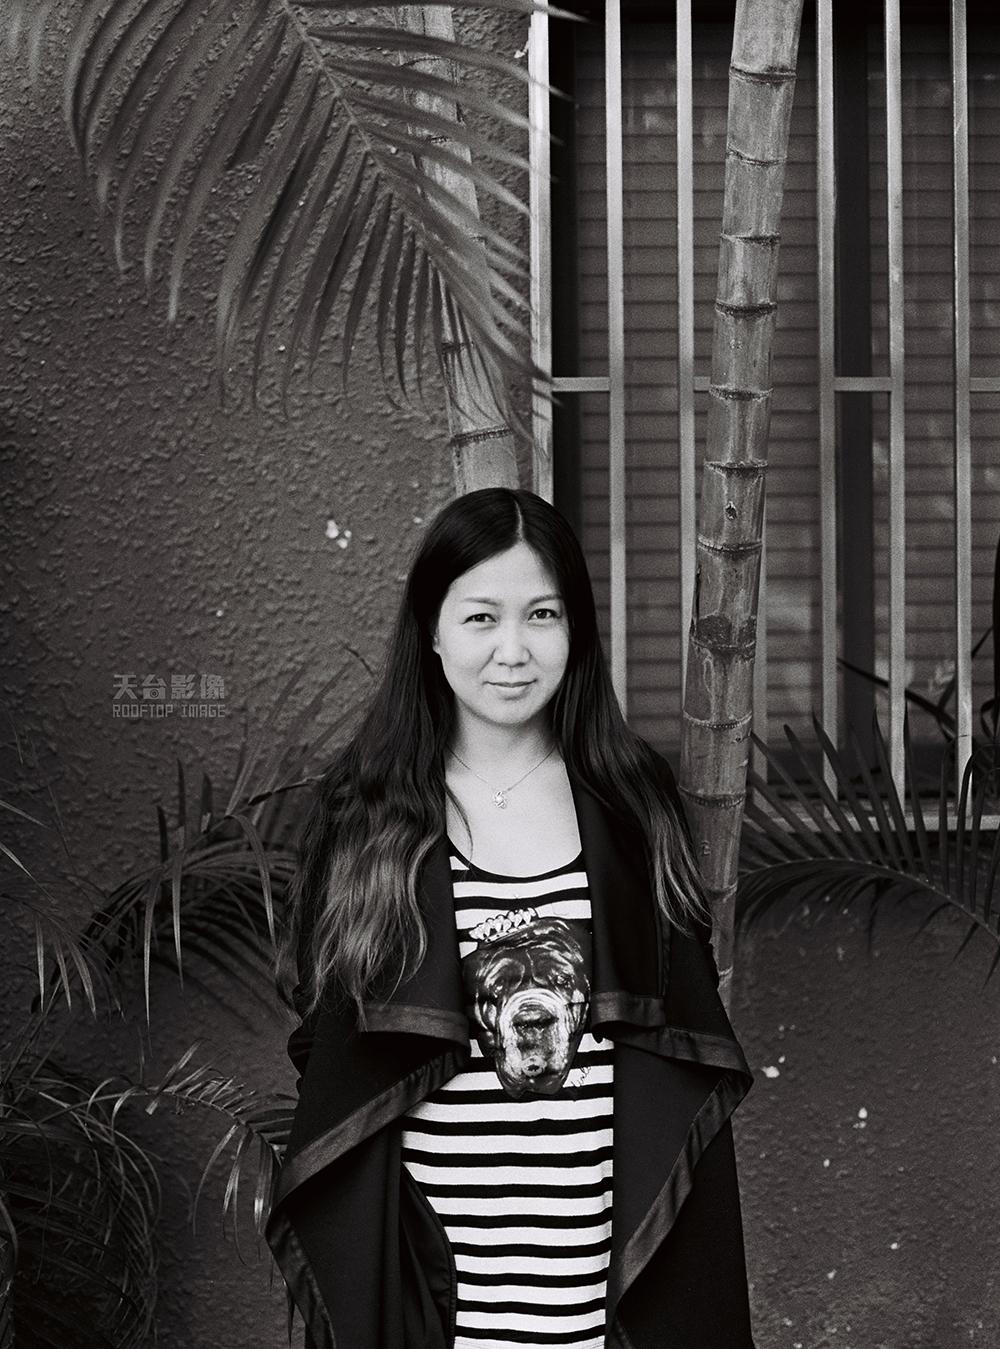 @天台影像-菲林中文-独立胶片摄影门户!